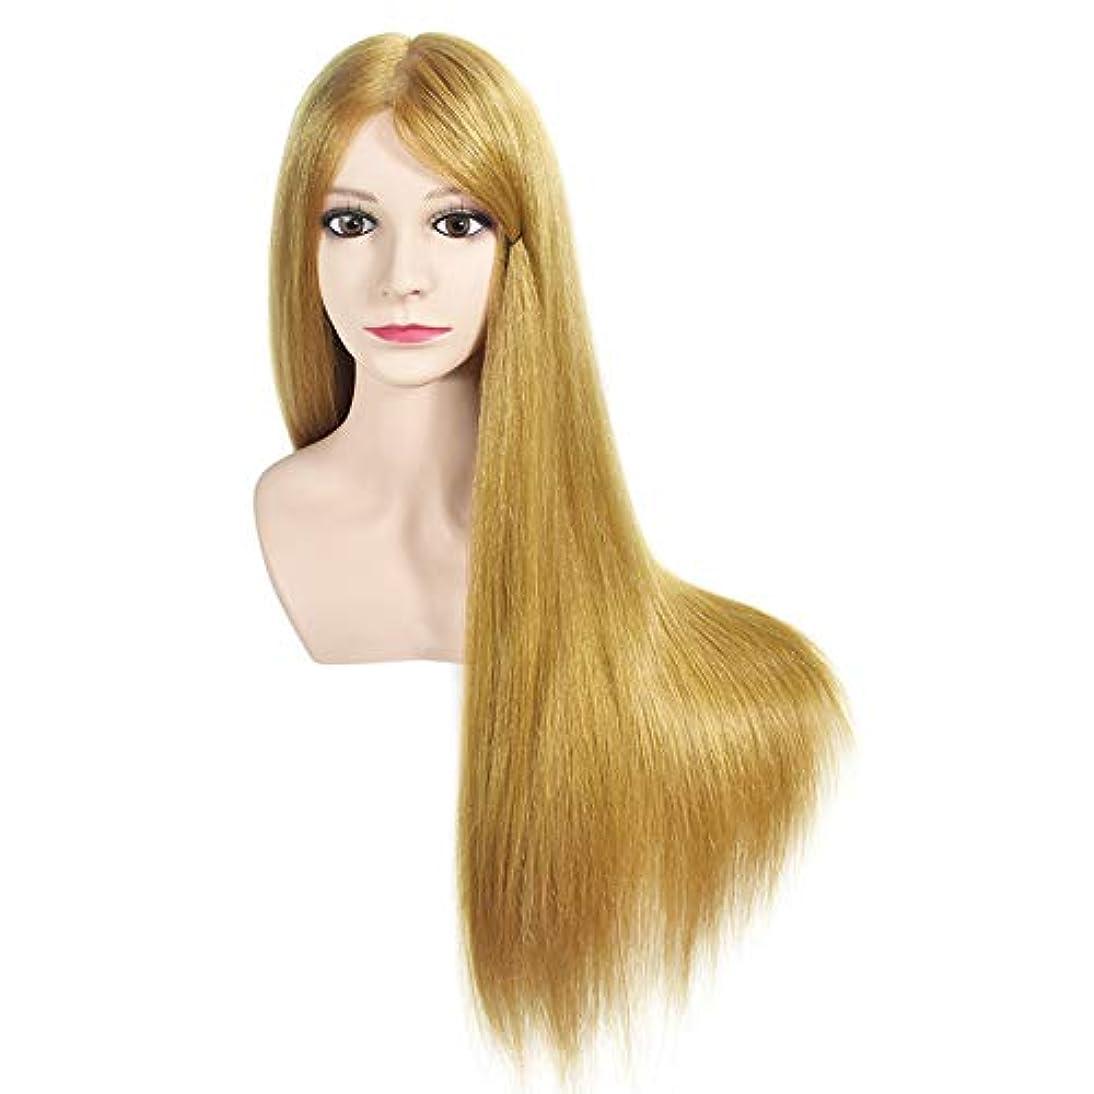 鎮静剤受け皿不安定なサロンヘアブレイド理髪指導ヘッドスタイリング散髪ダミーヘッド化粧学習ショルダーマネキンヘッド